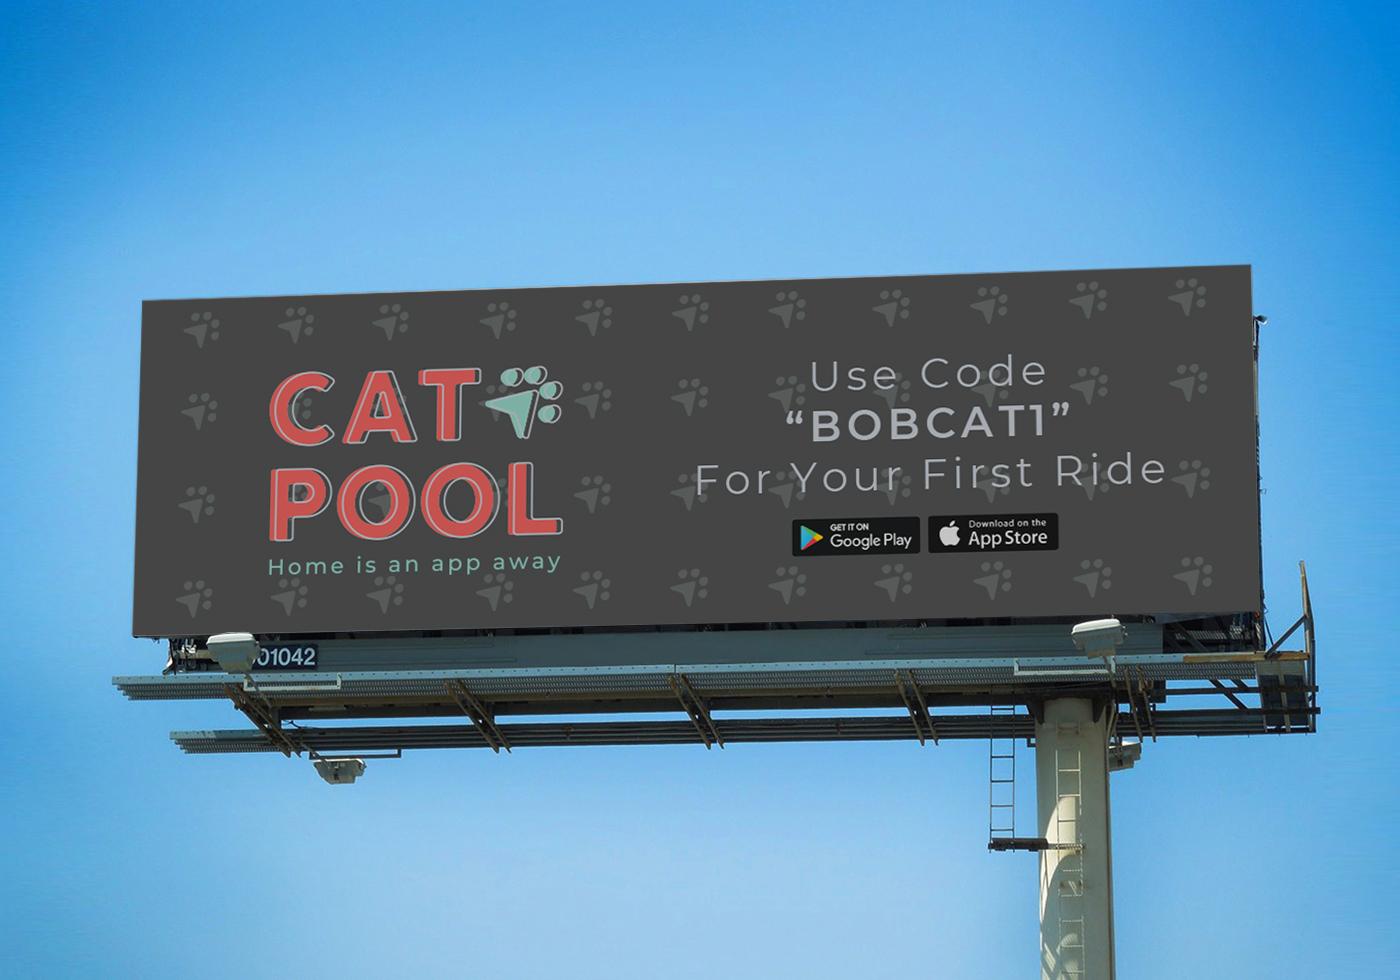 catpool billboard mockup.jpg